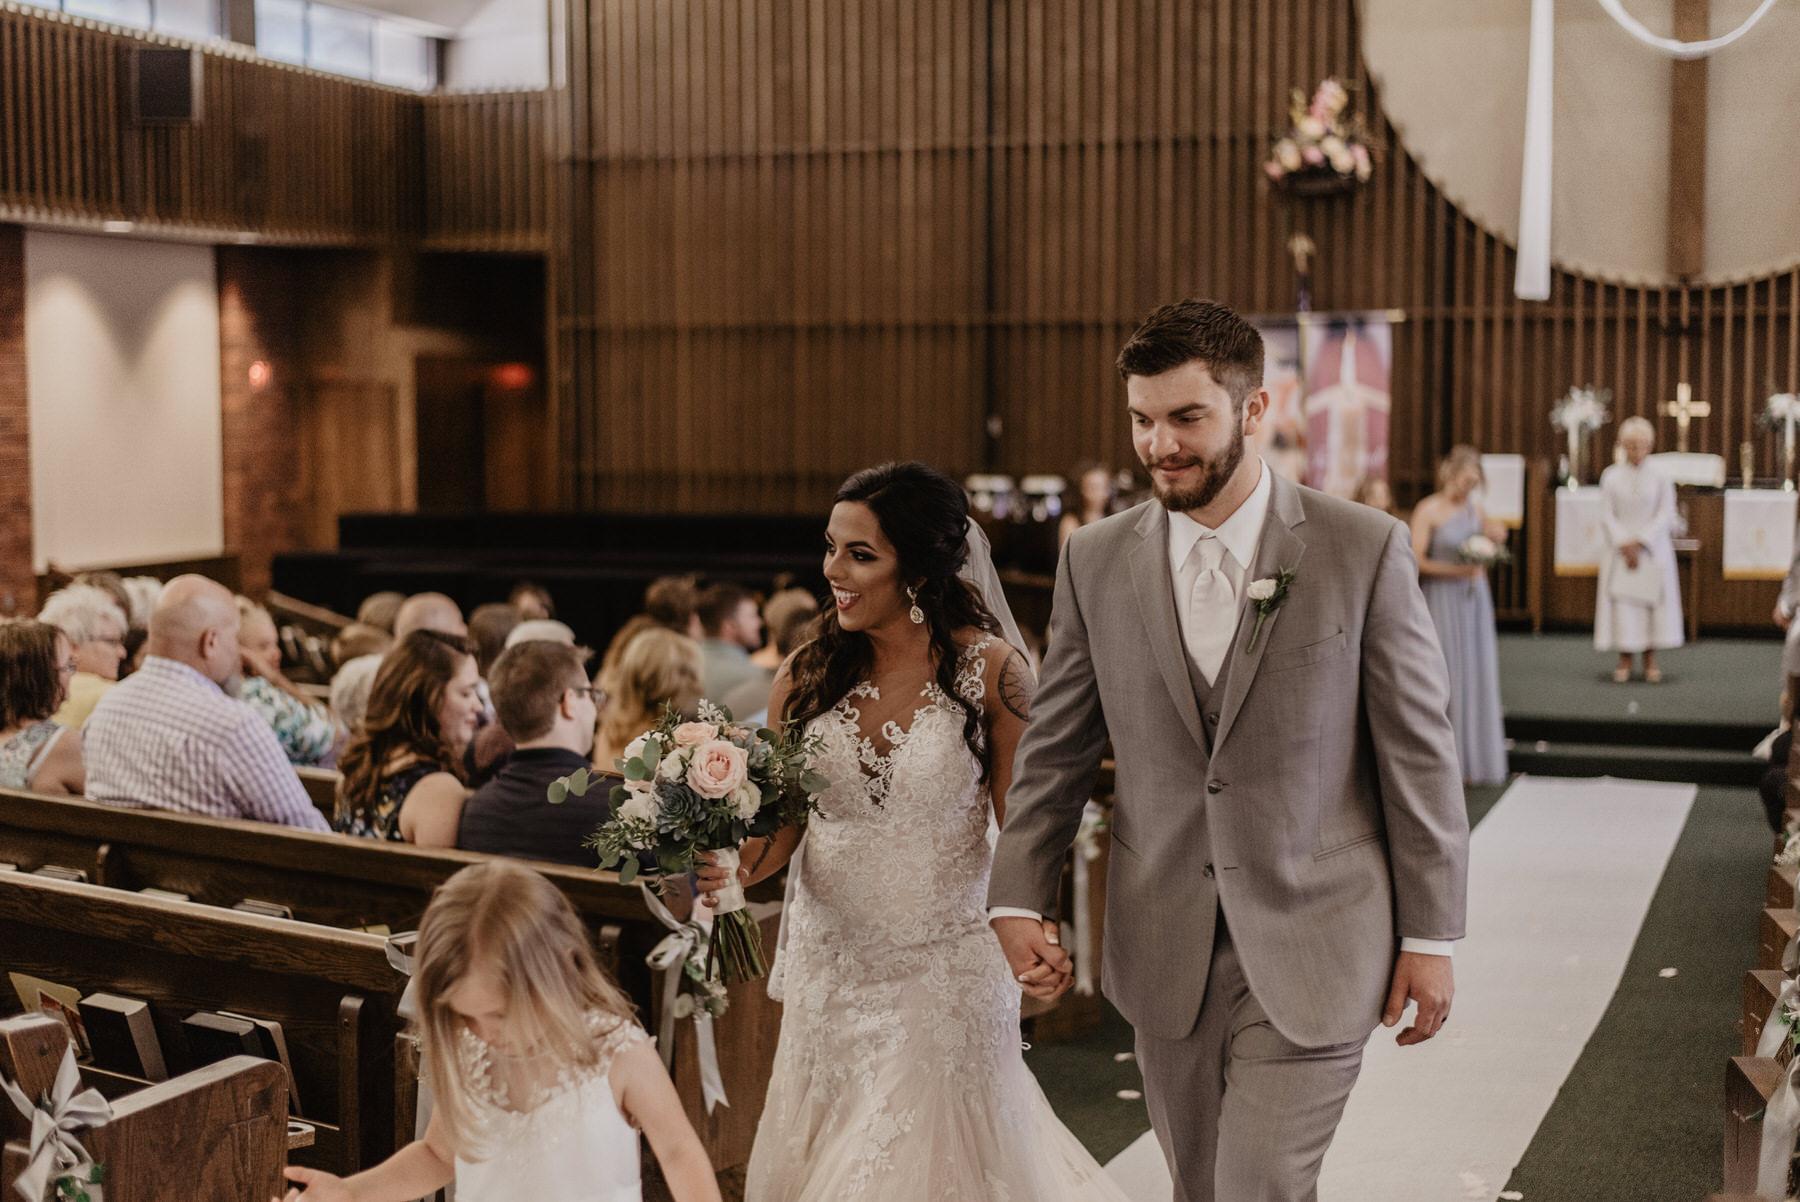 Kaylie-Sirek-Photography-Kearney-Nebraska-Wedding-056.jpg